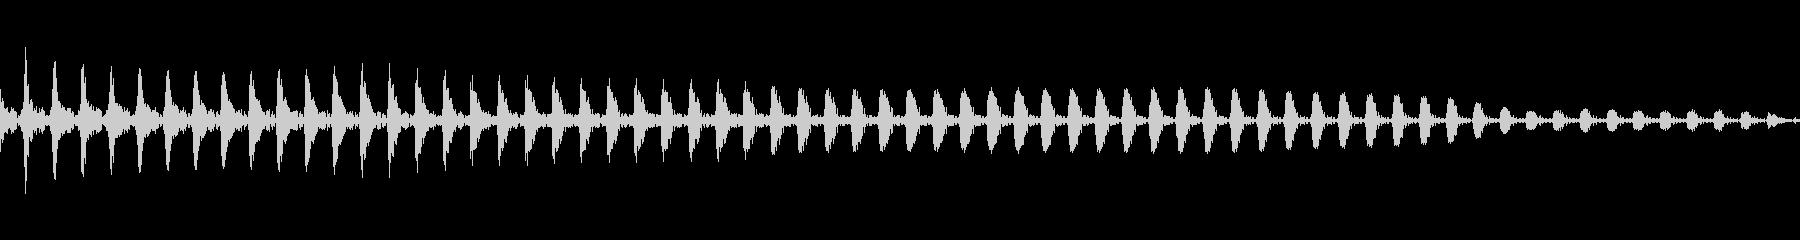 バウンスフォークトゥワンコミックフ...の未再生の波形